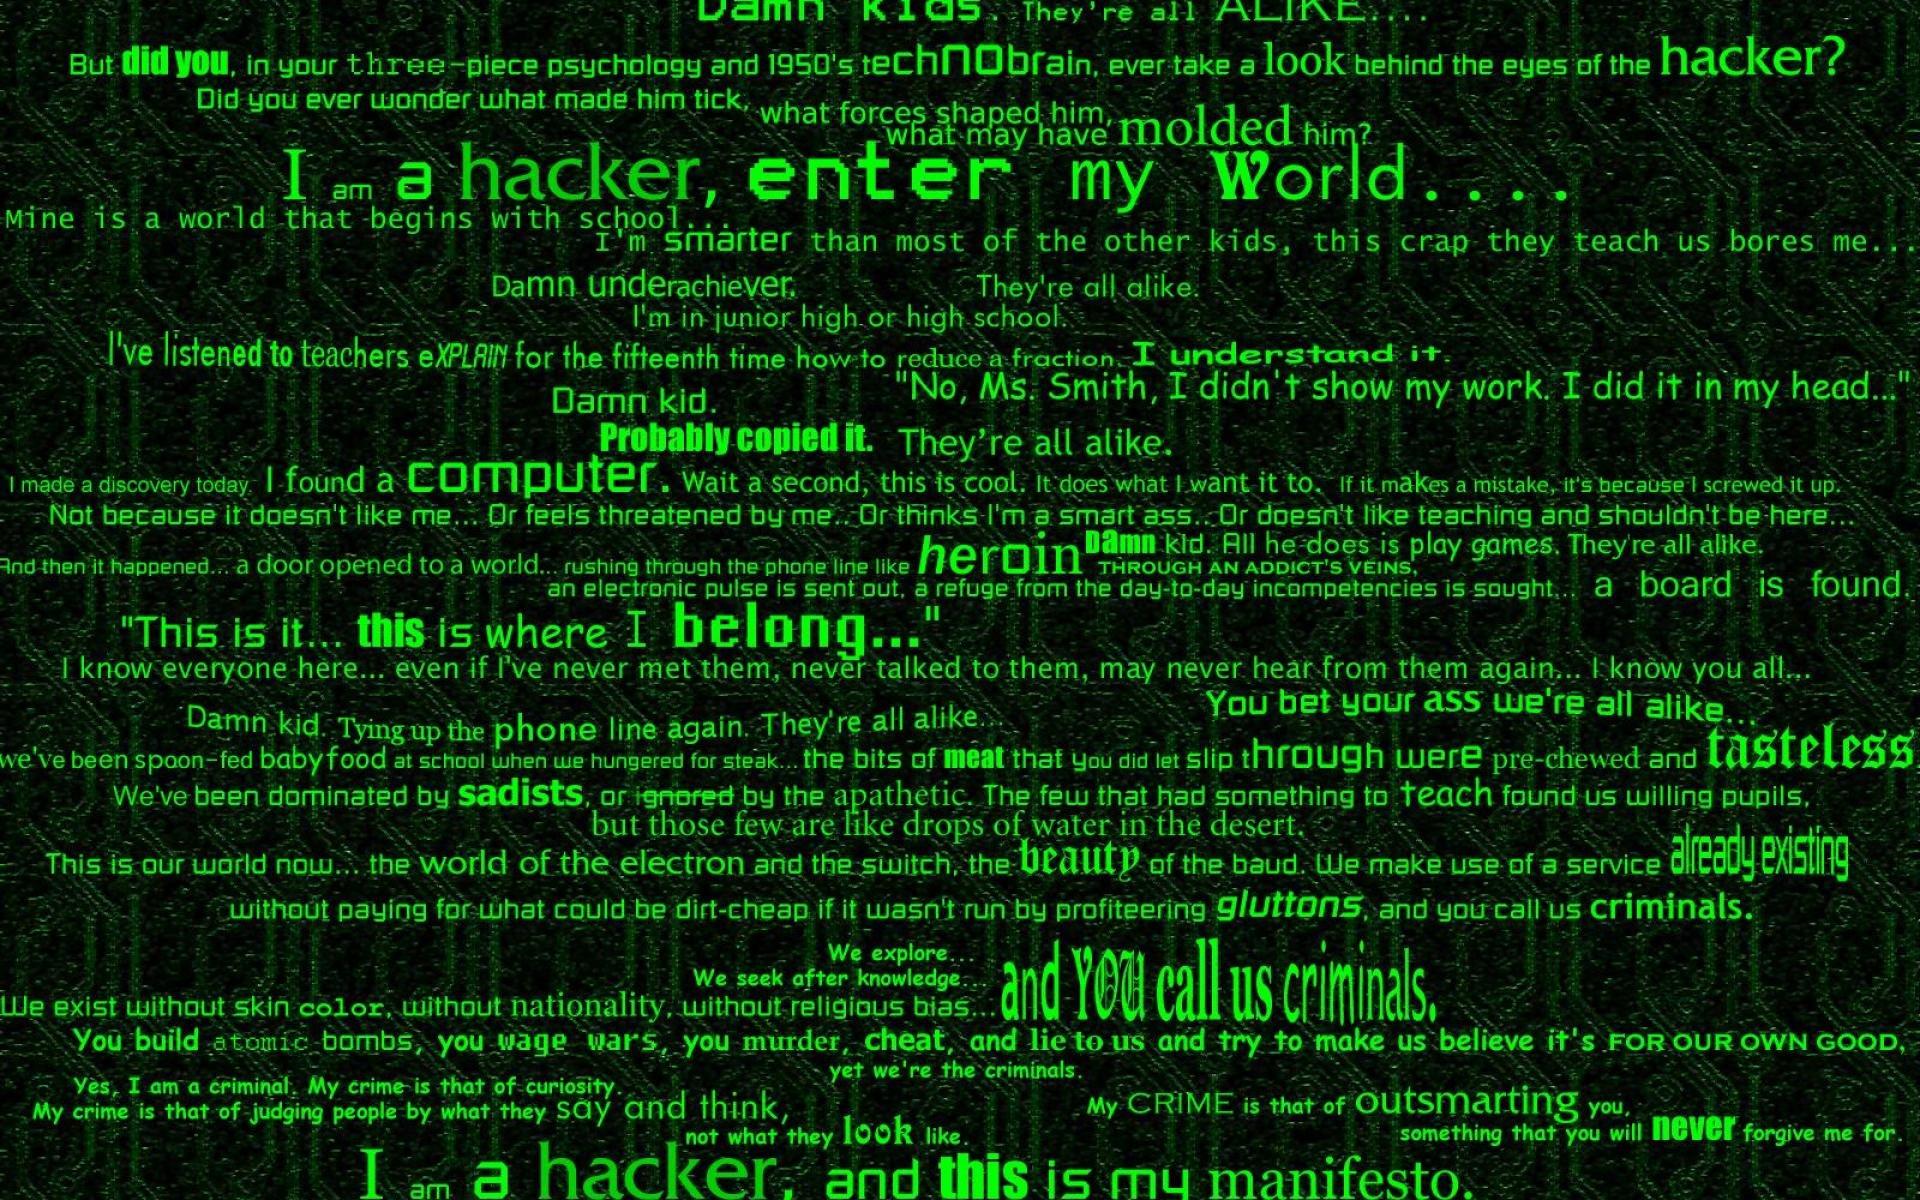 Hacker Hacking Hack Anarchy Virus Internet Computer Sadic